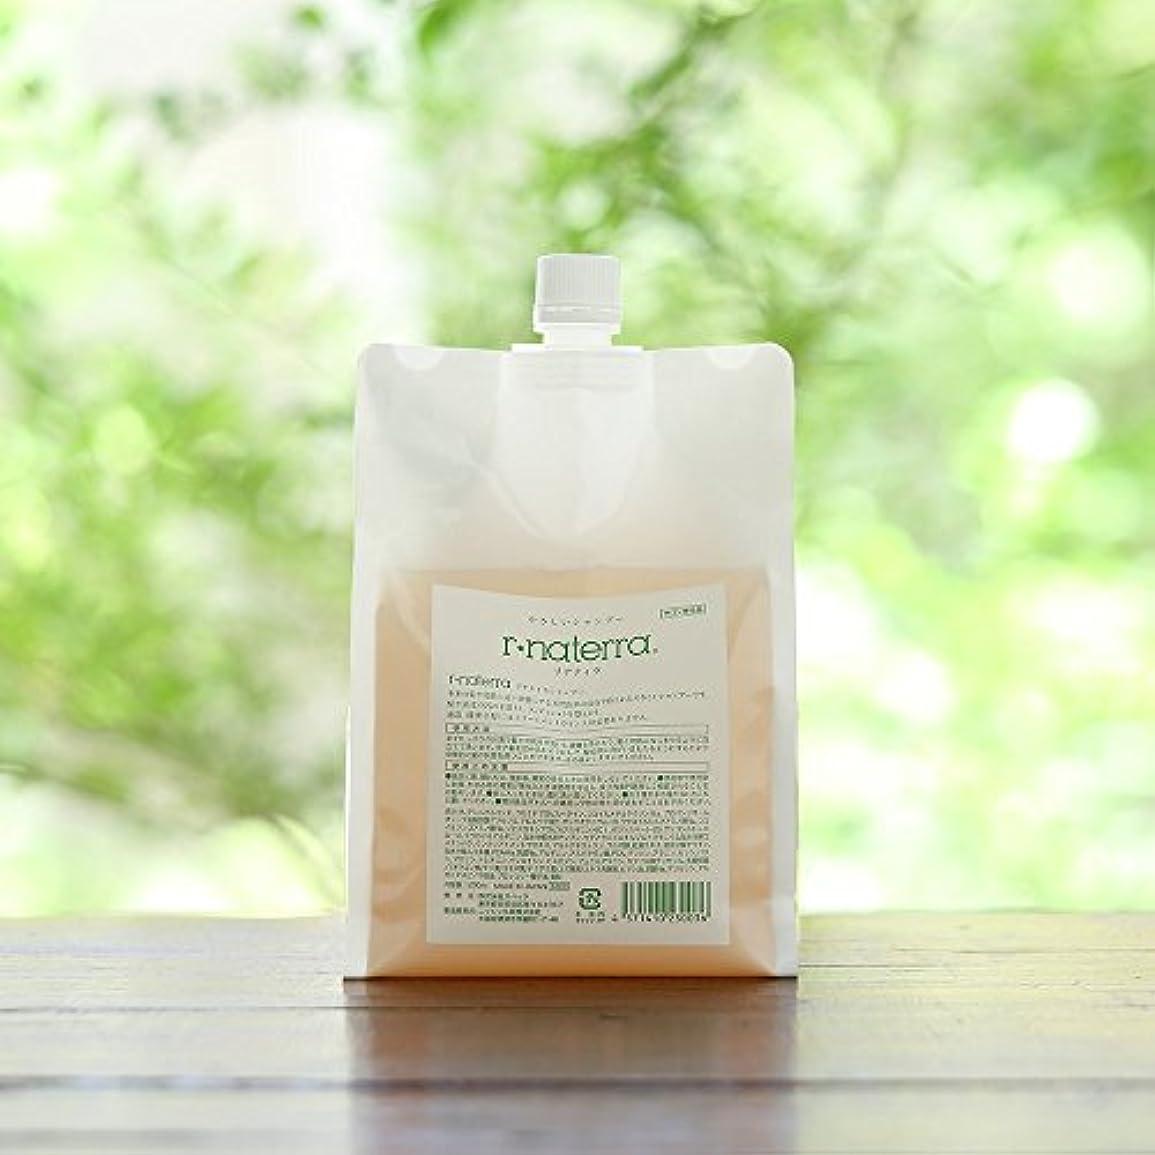 テーマ愛情深い悪行植物由来オールインワン自然派シャンプー リナティラ 1000ml ※フルボ酸シャンプー(ノンシリコン)